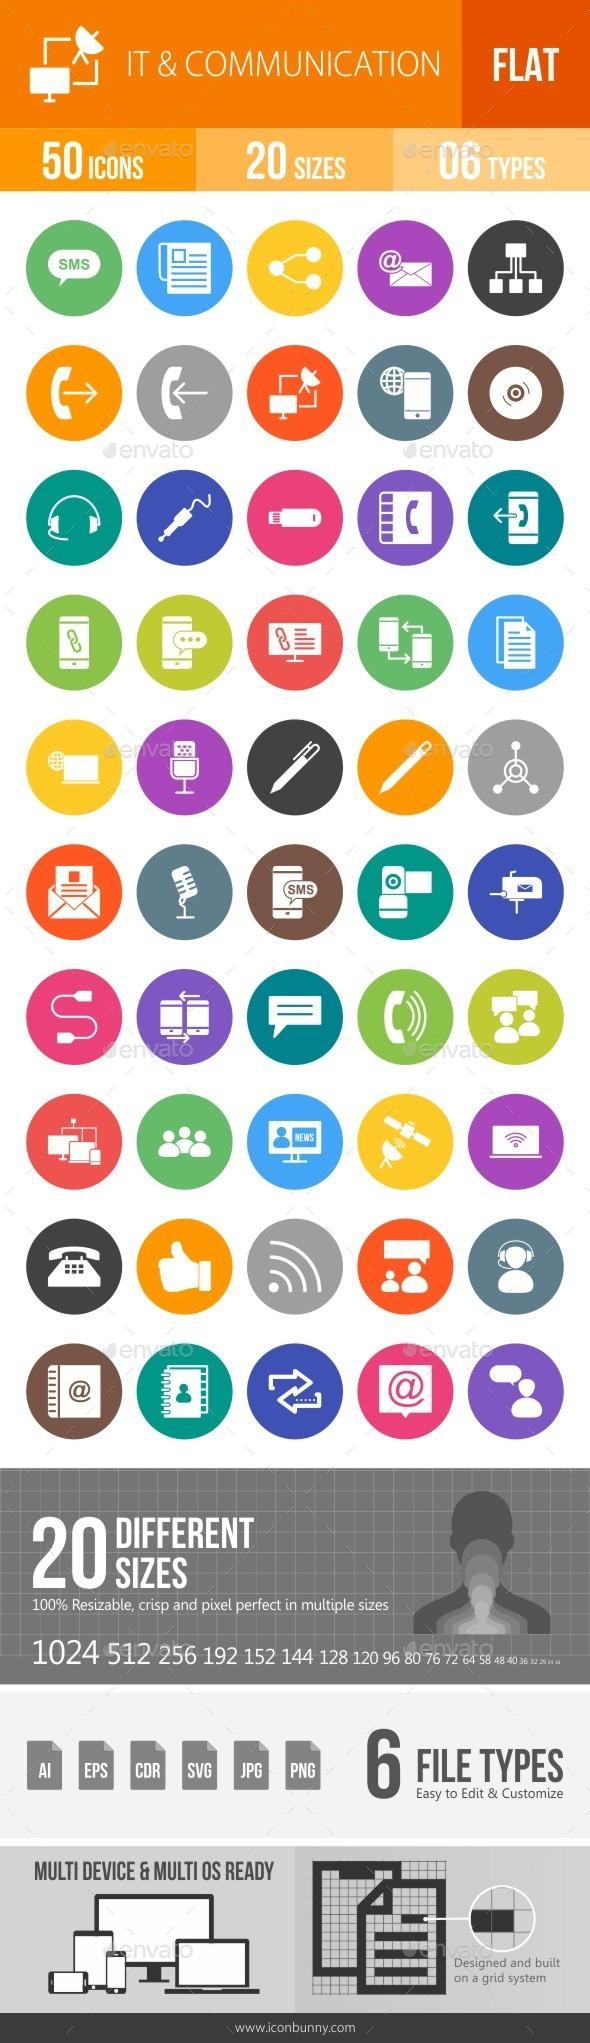 IT & Communication Flat Round Icons - Icons